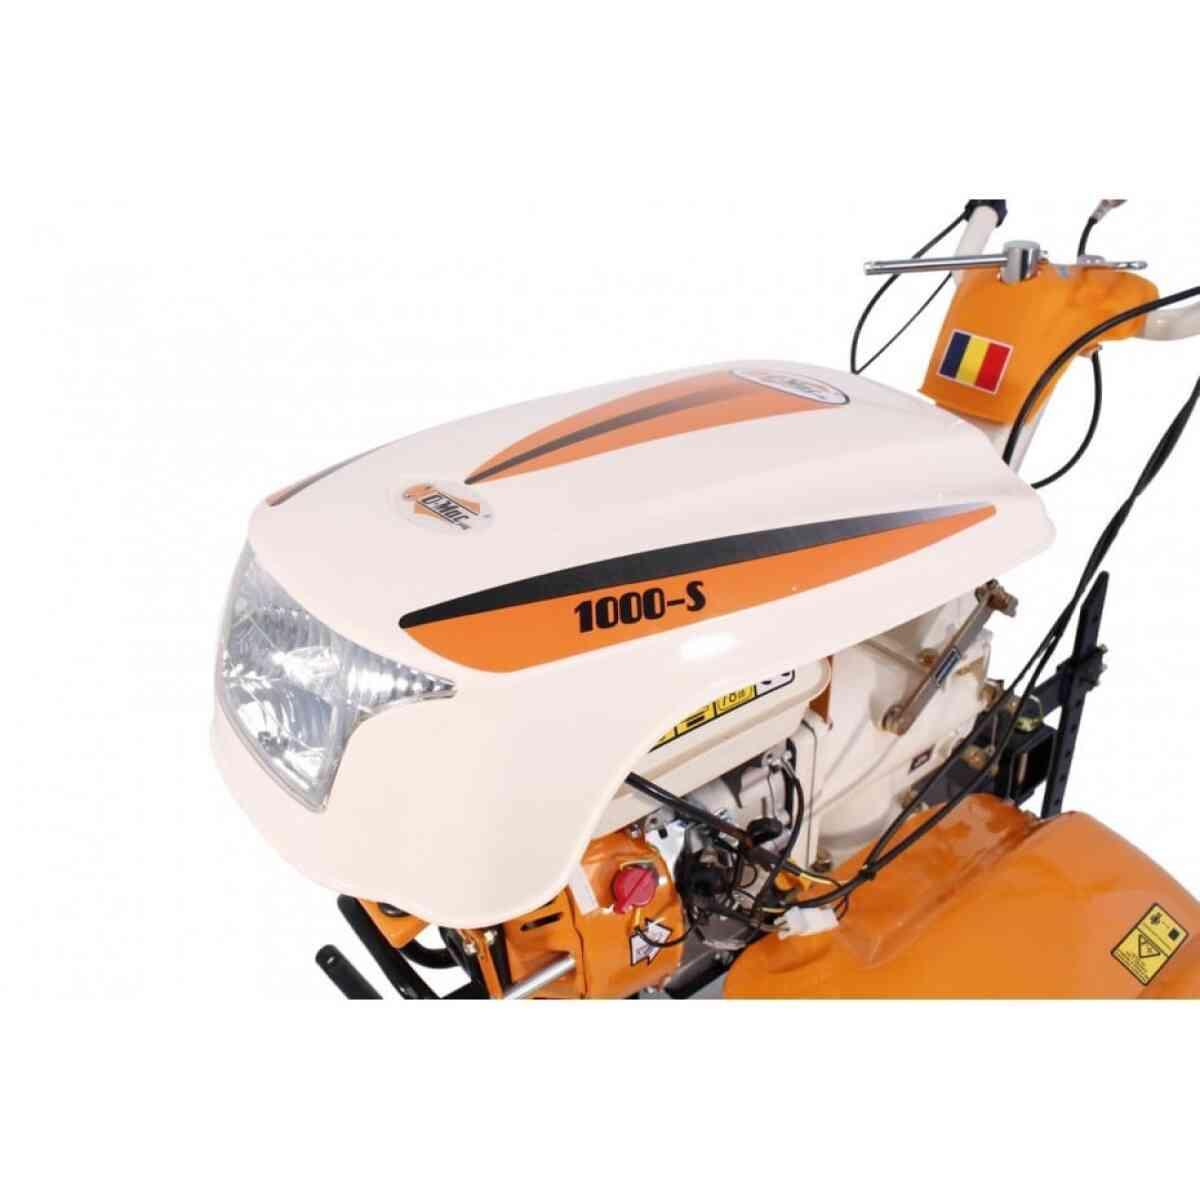 motocultor o mac new 1000 s 8cp cu roti o mac.ro 4 1 2